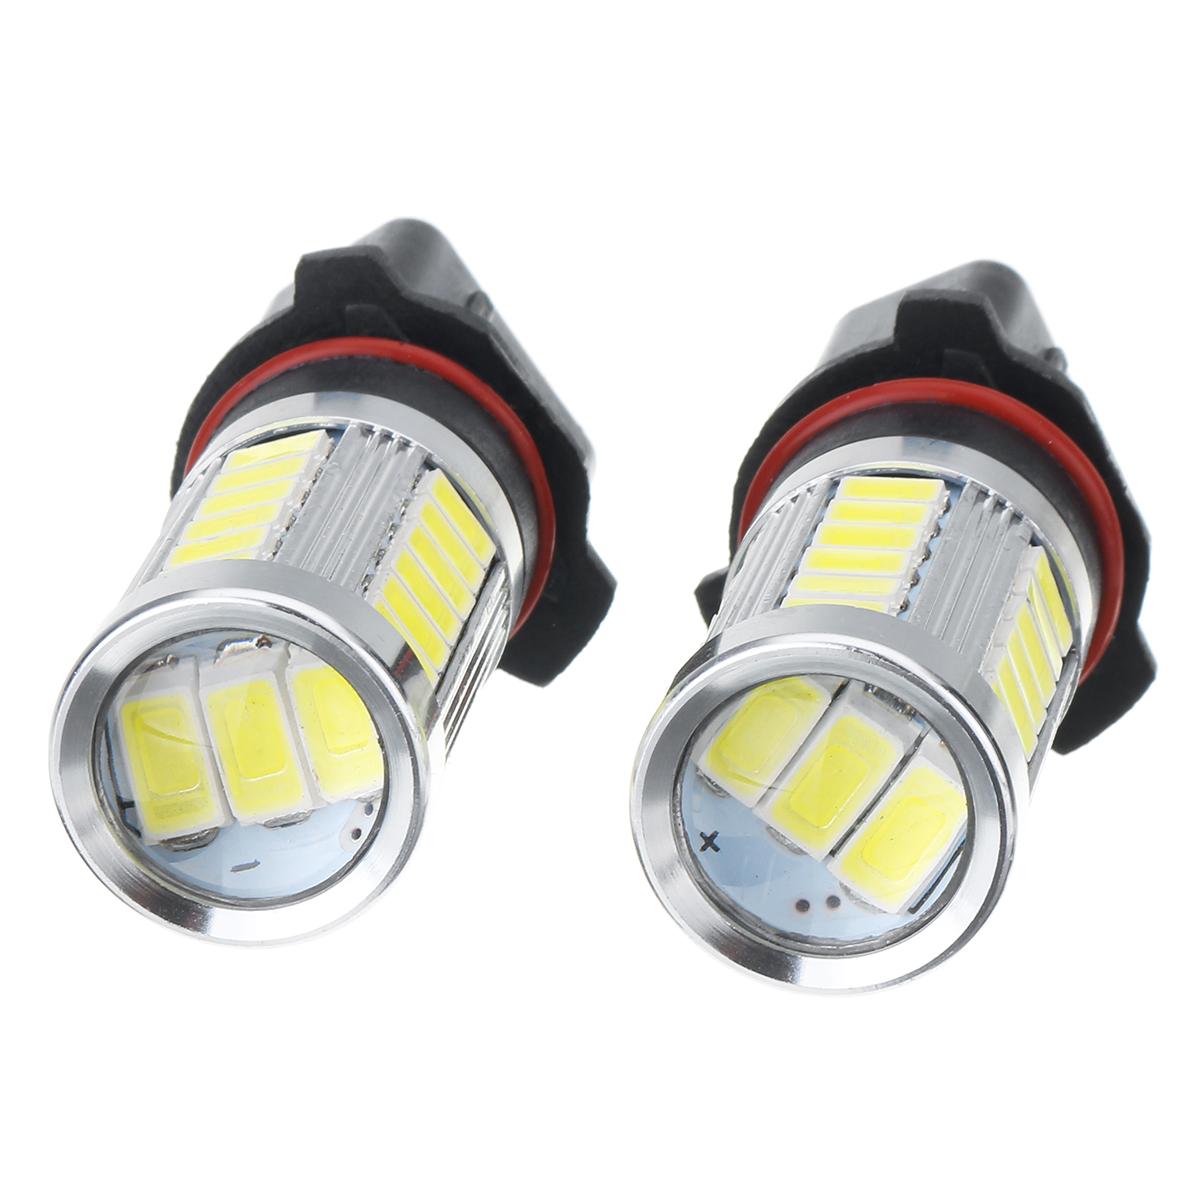 Pair P13W White 6000K 500LM 33LEDs Car Fog Lights Daytime Running Lights Bulbs Error Free